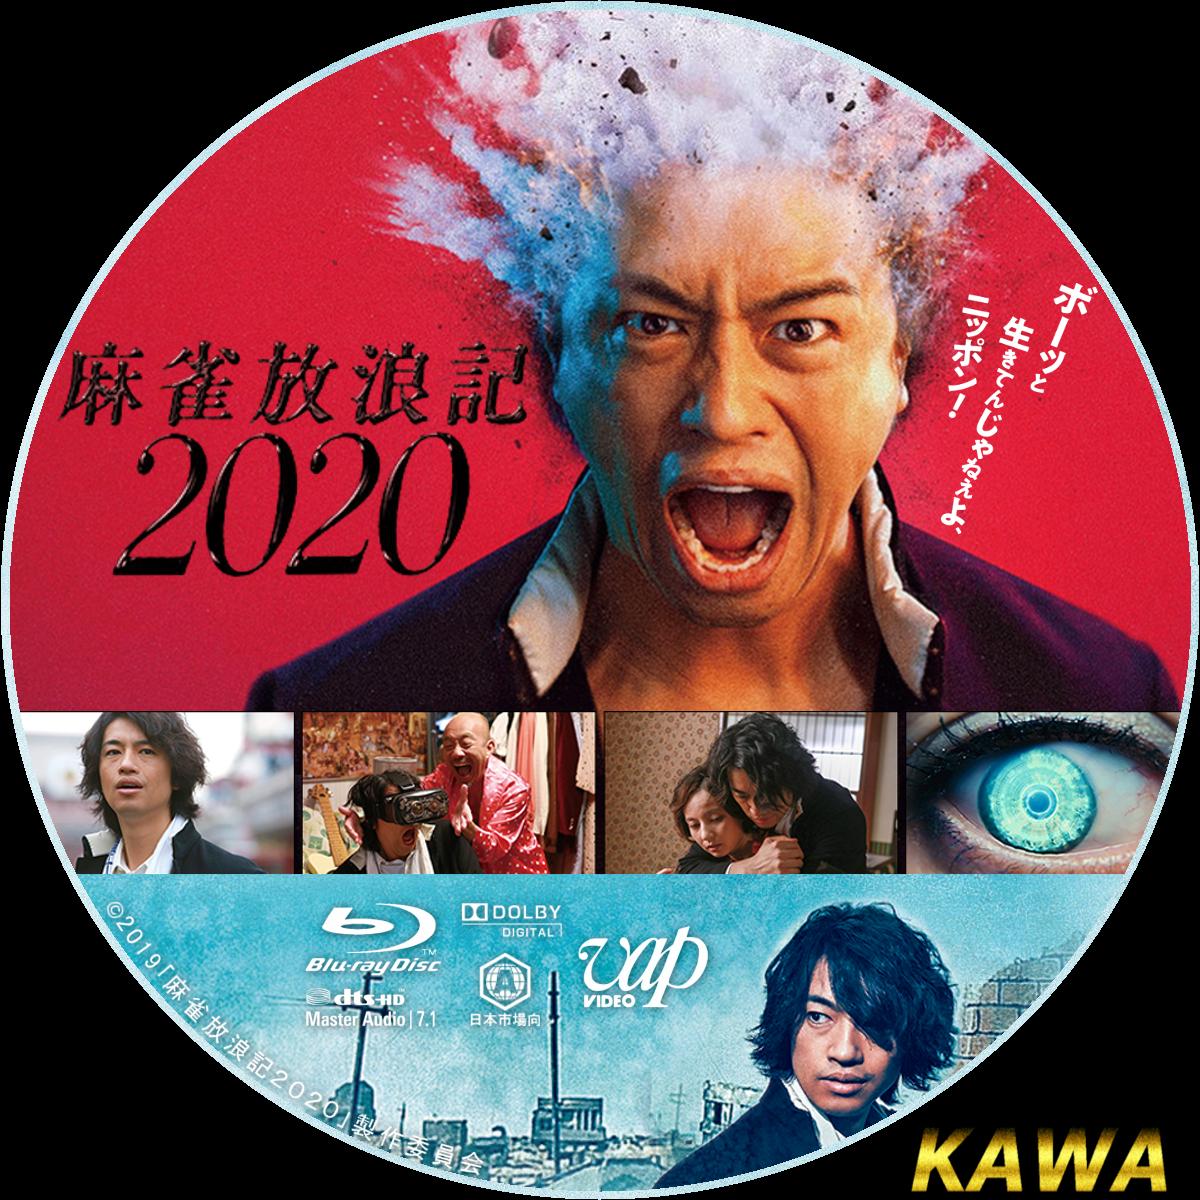 まあ じゃん ほうろう き 2020